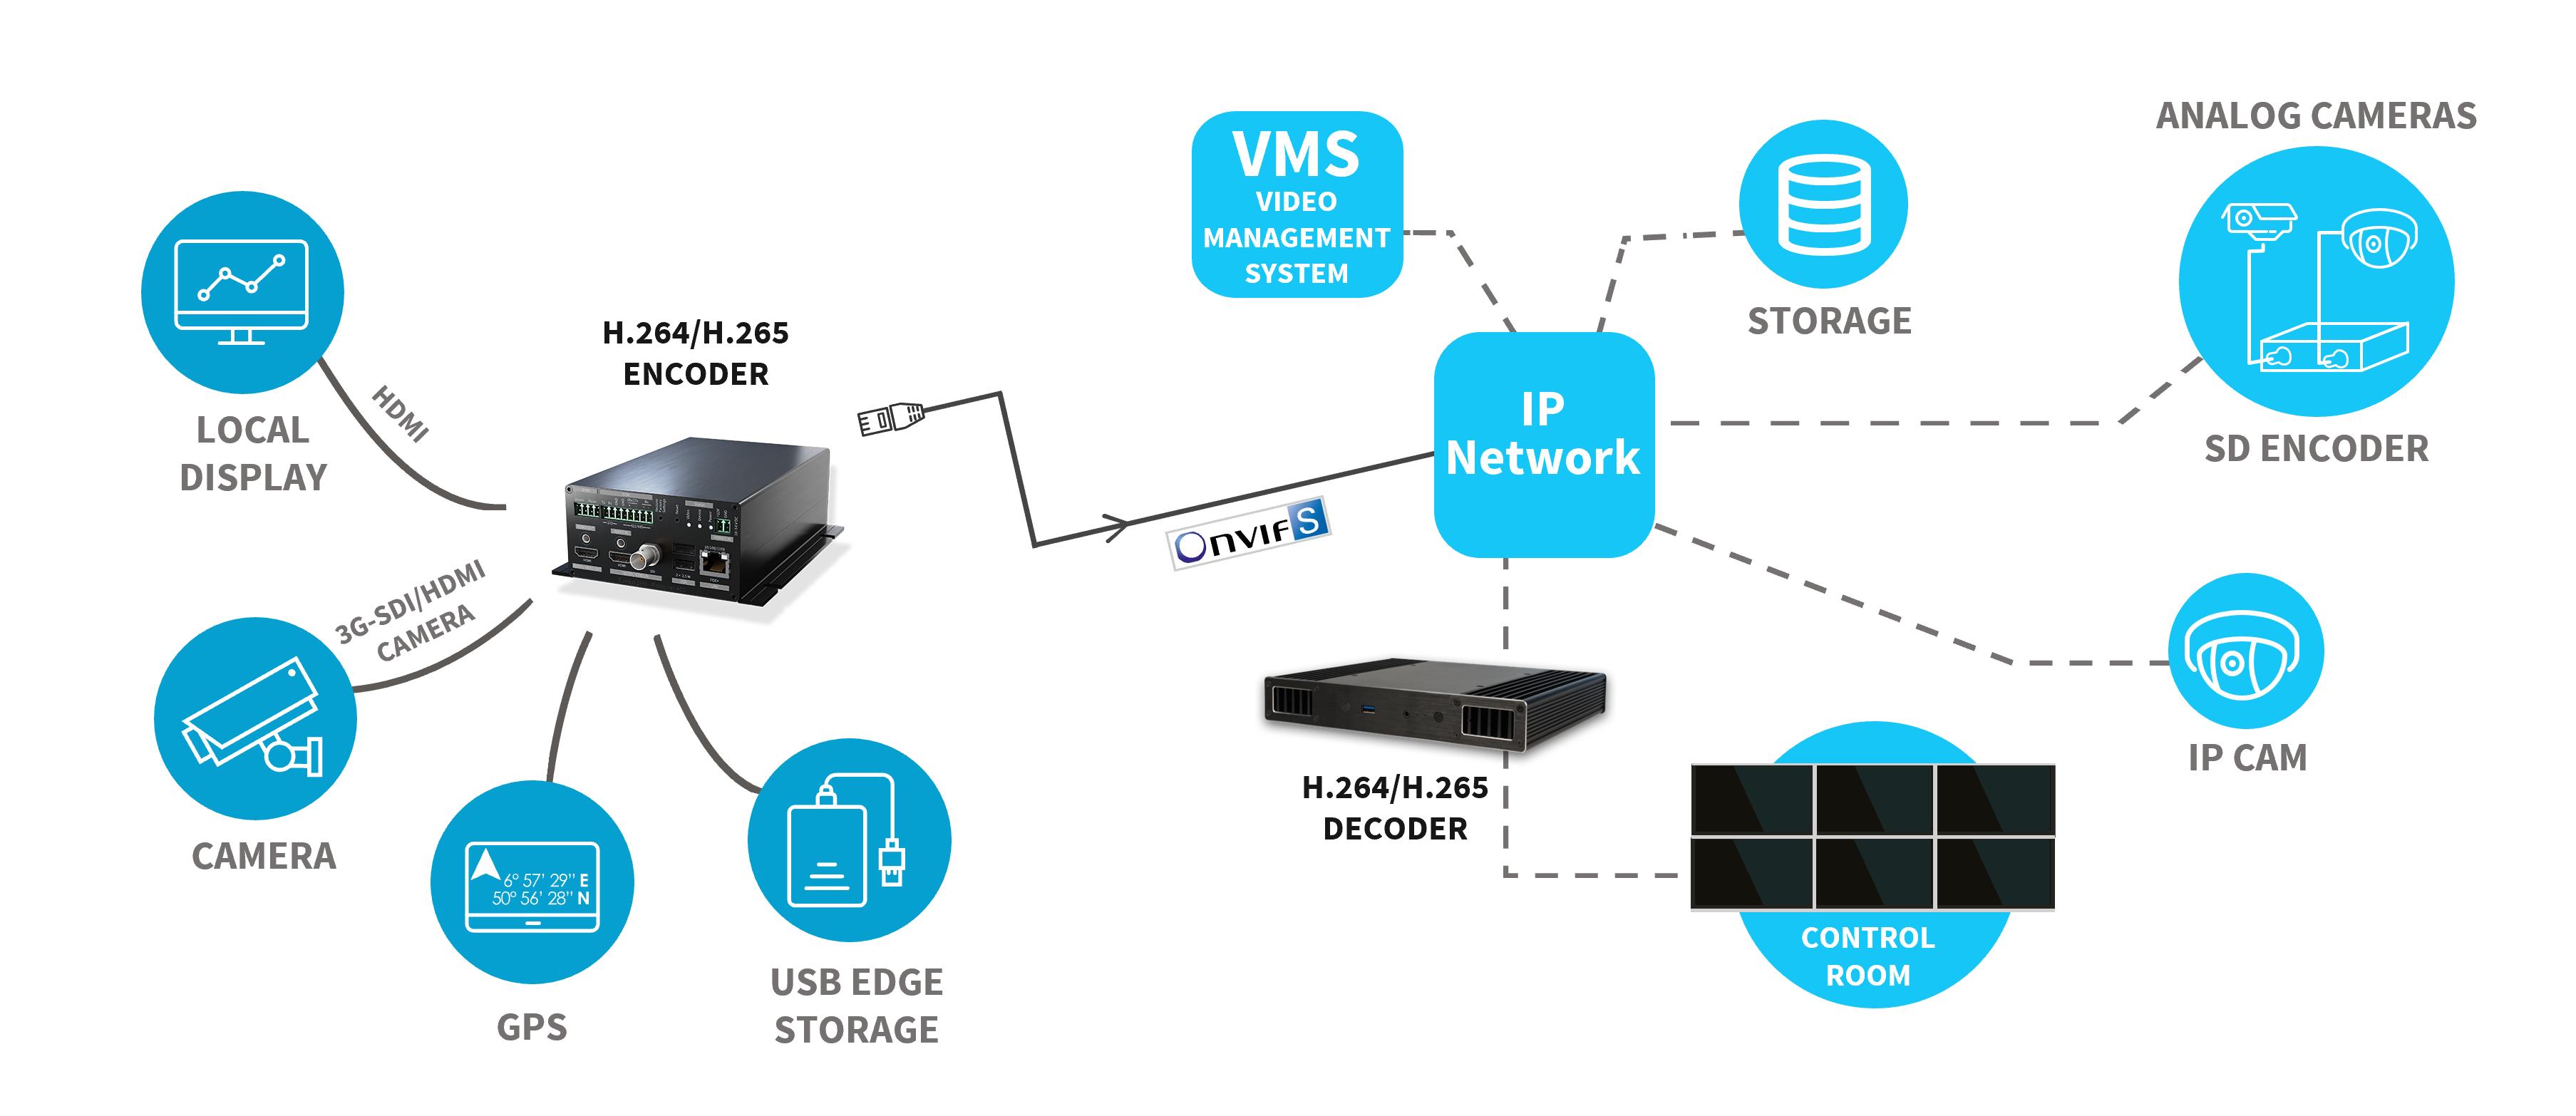 通过 IP 网络流式化传输1个全高清(1080p60或1080i60)源视频